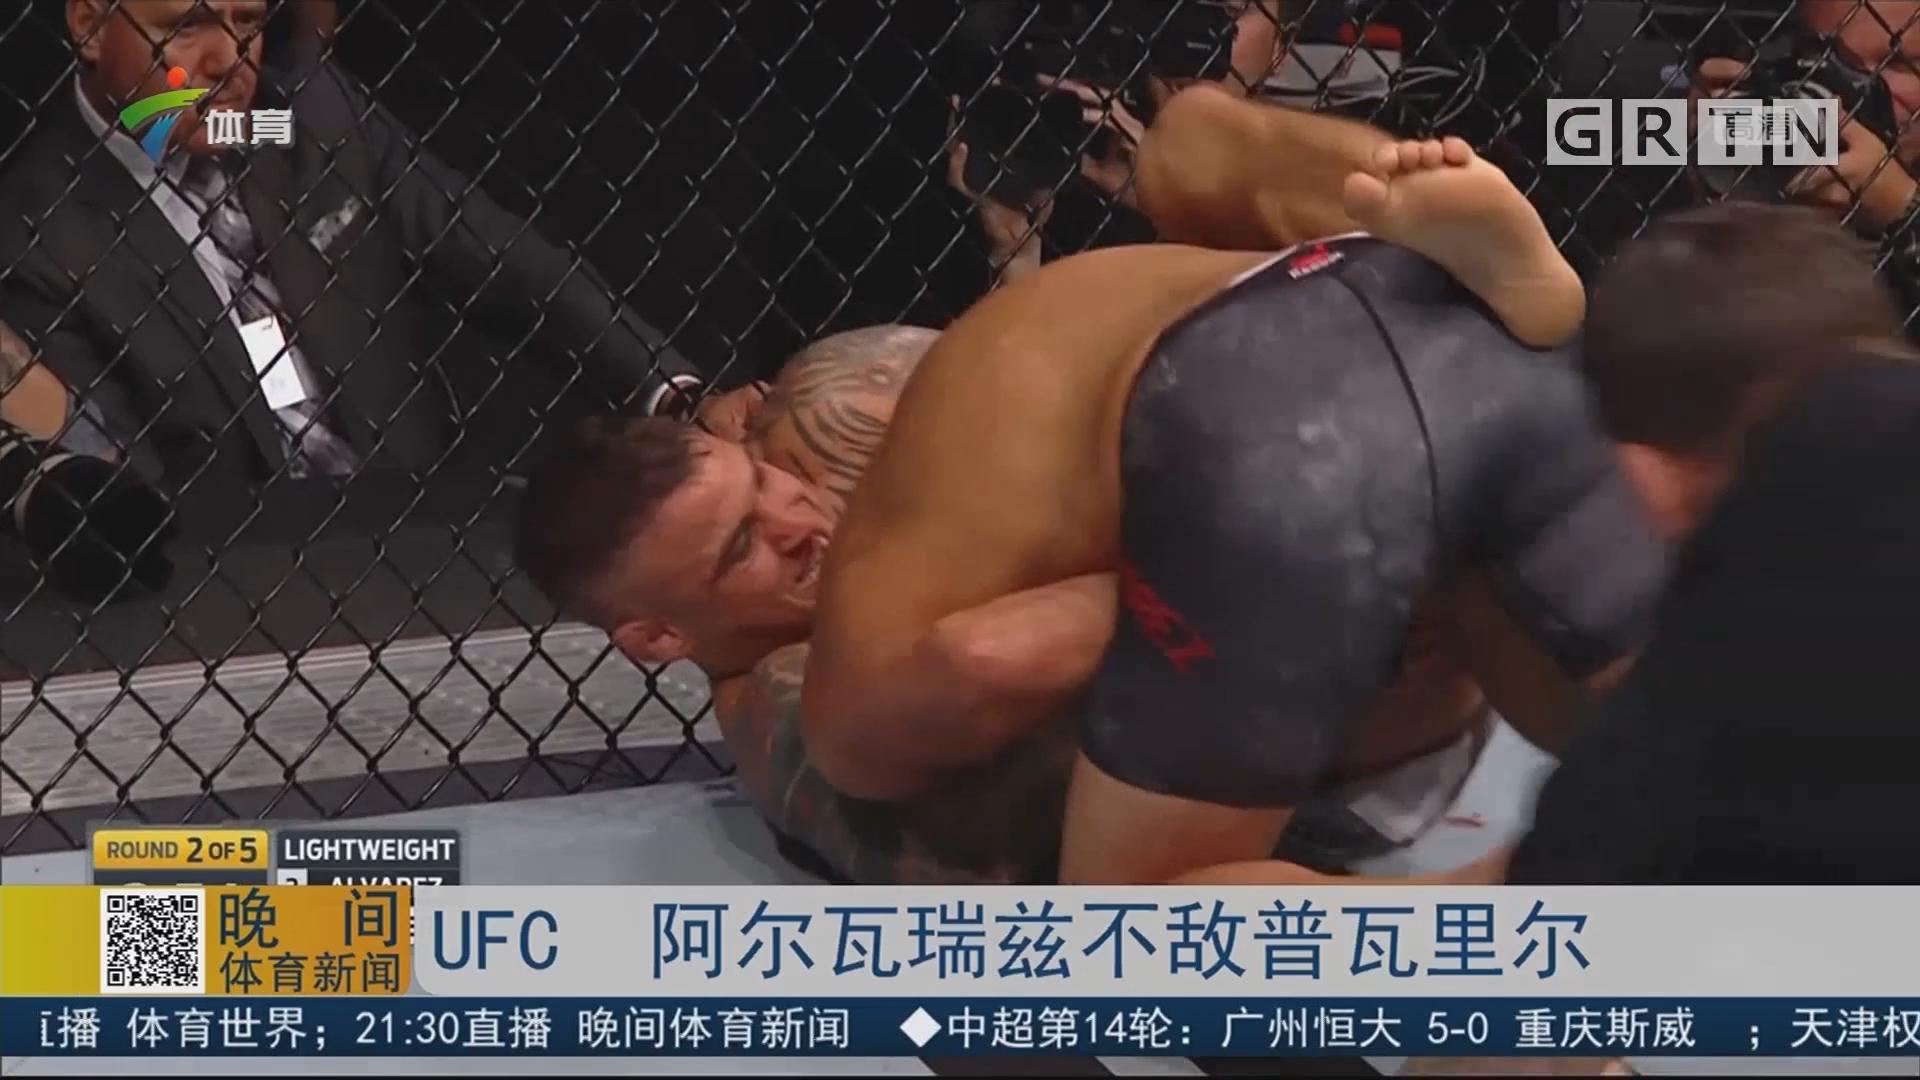 UFC 阿尔瓦瑞兹不敌普瓦里尔